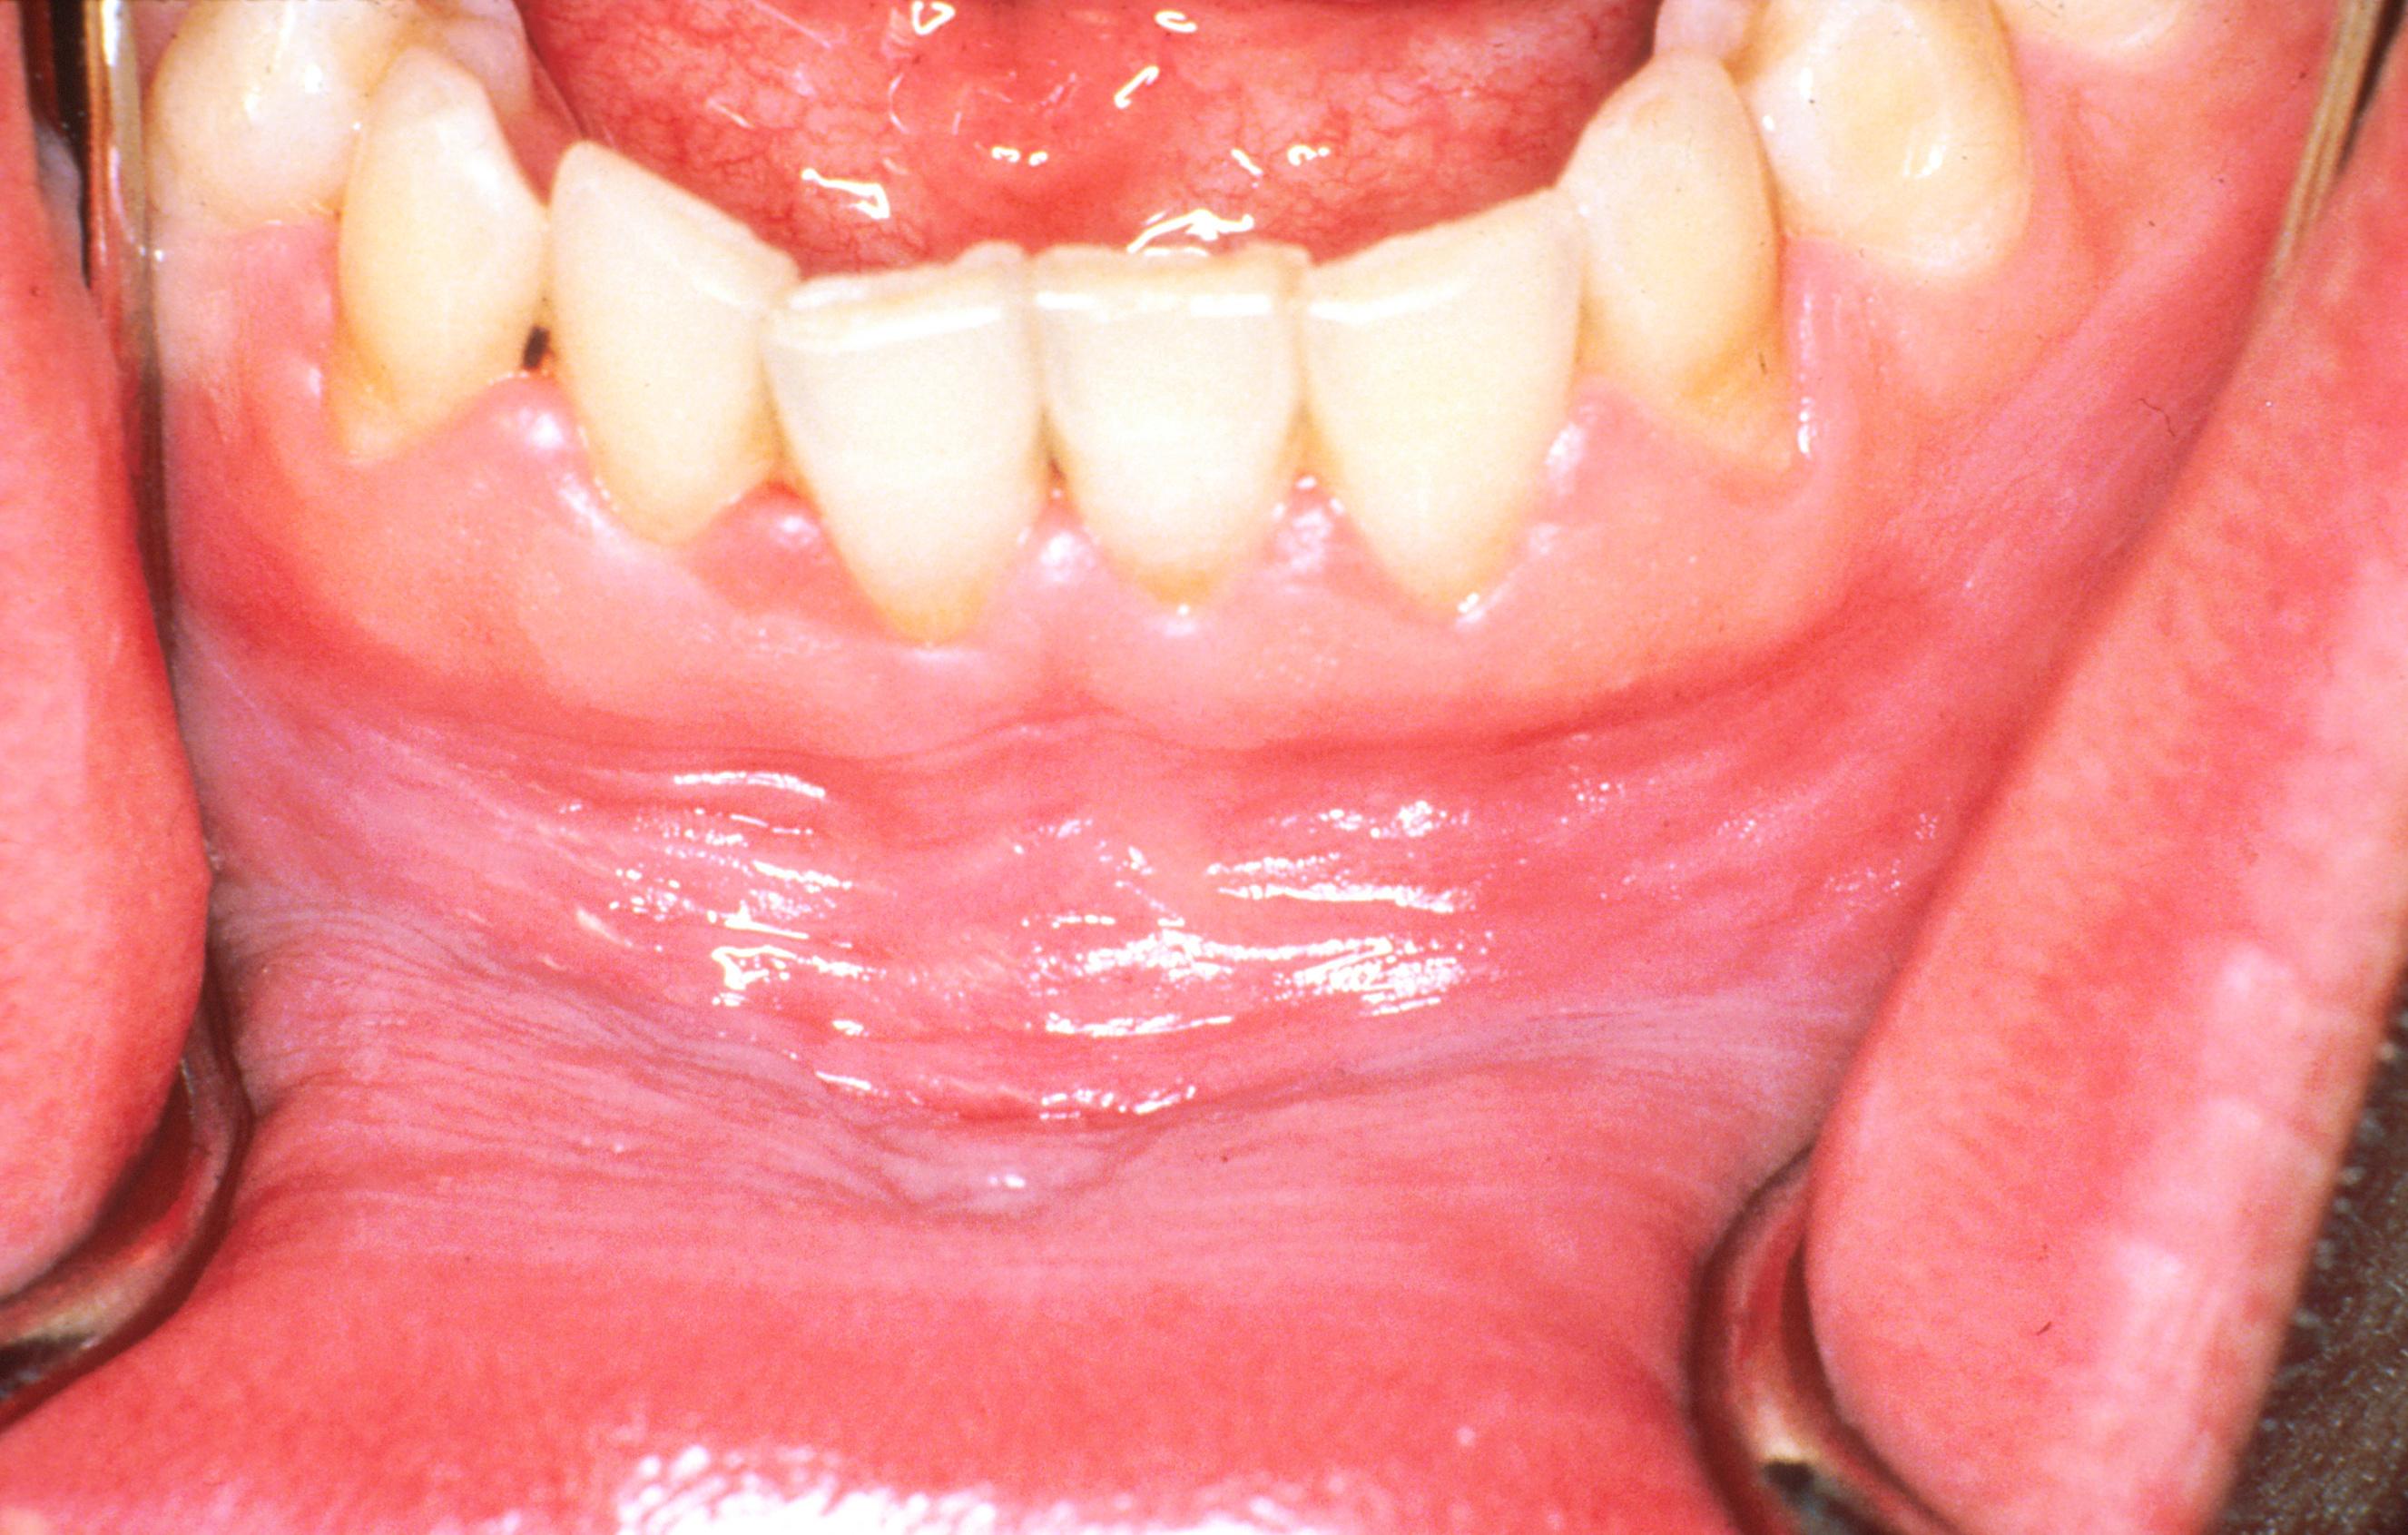 vörös foltok a szájban a szájban hogyan kell kezelni